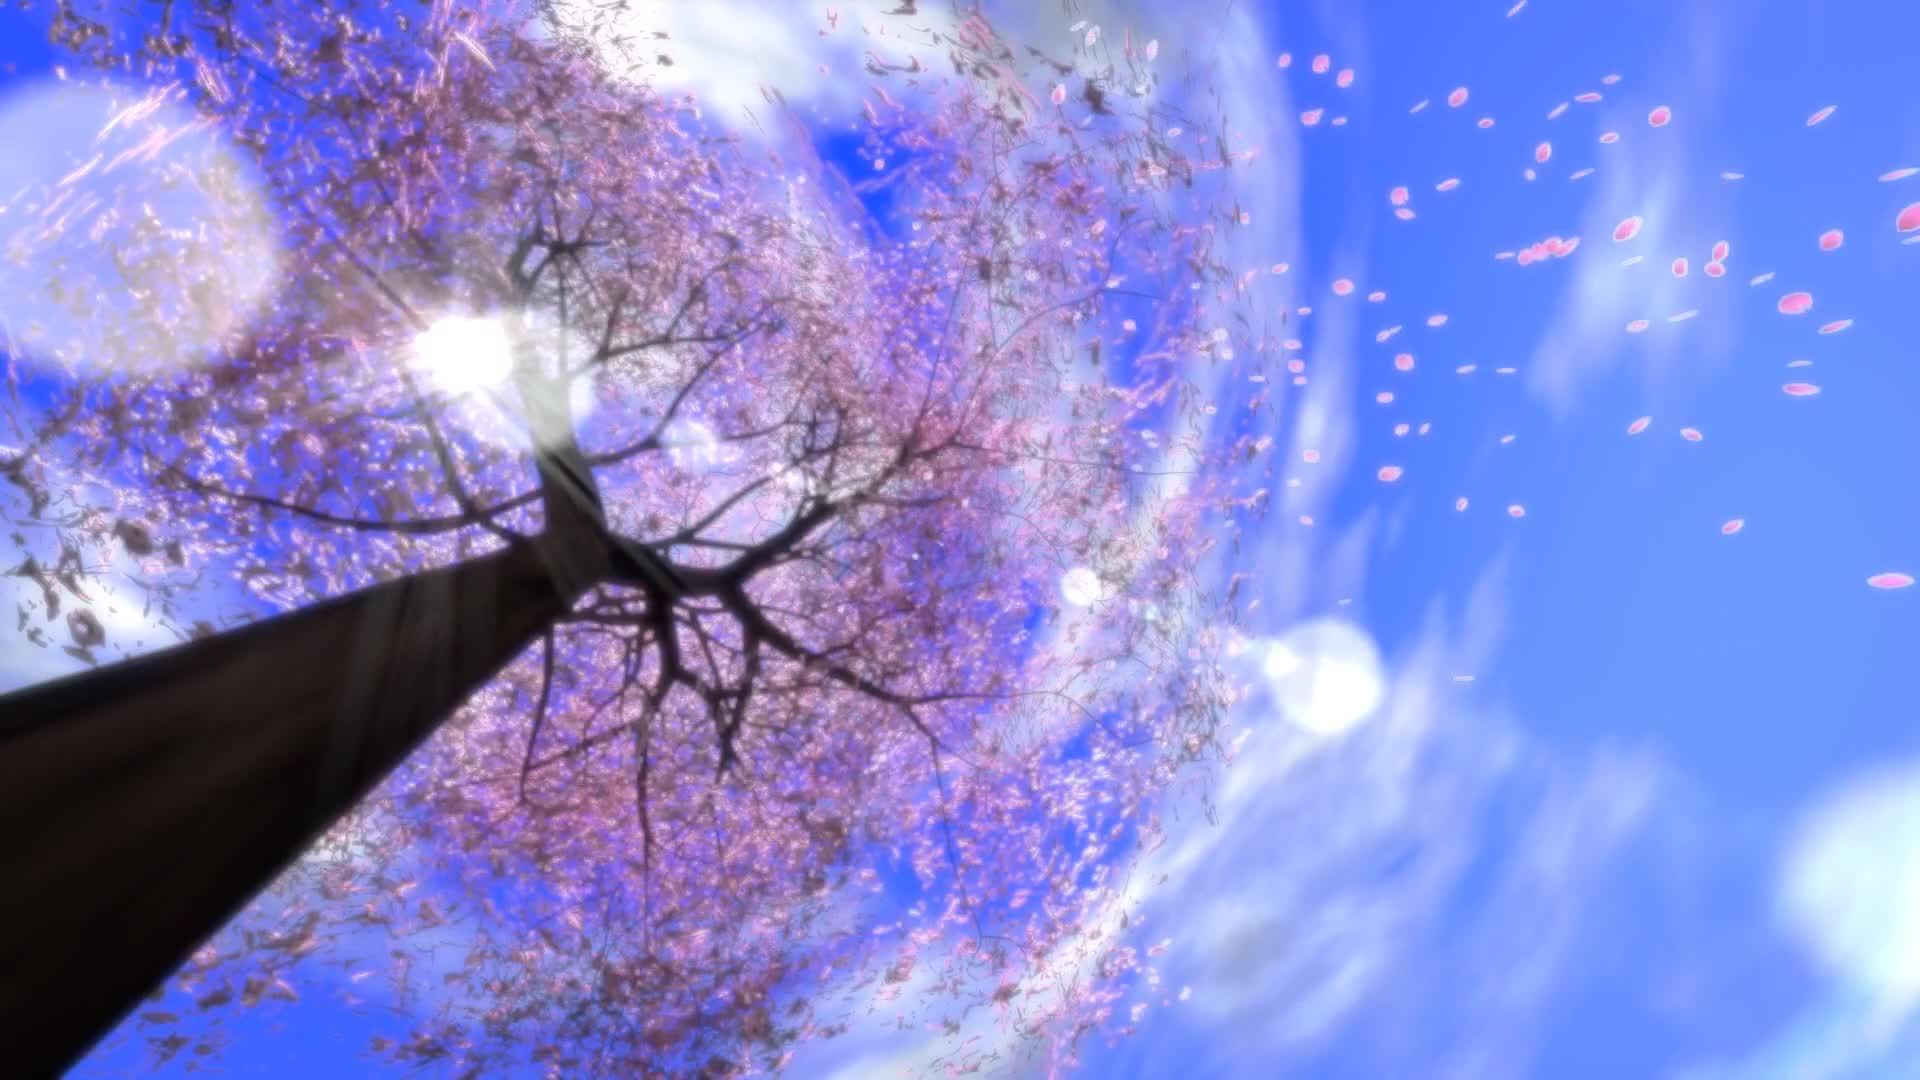 唯美浪漫樱花树花瓣飘落视频素材